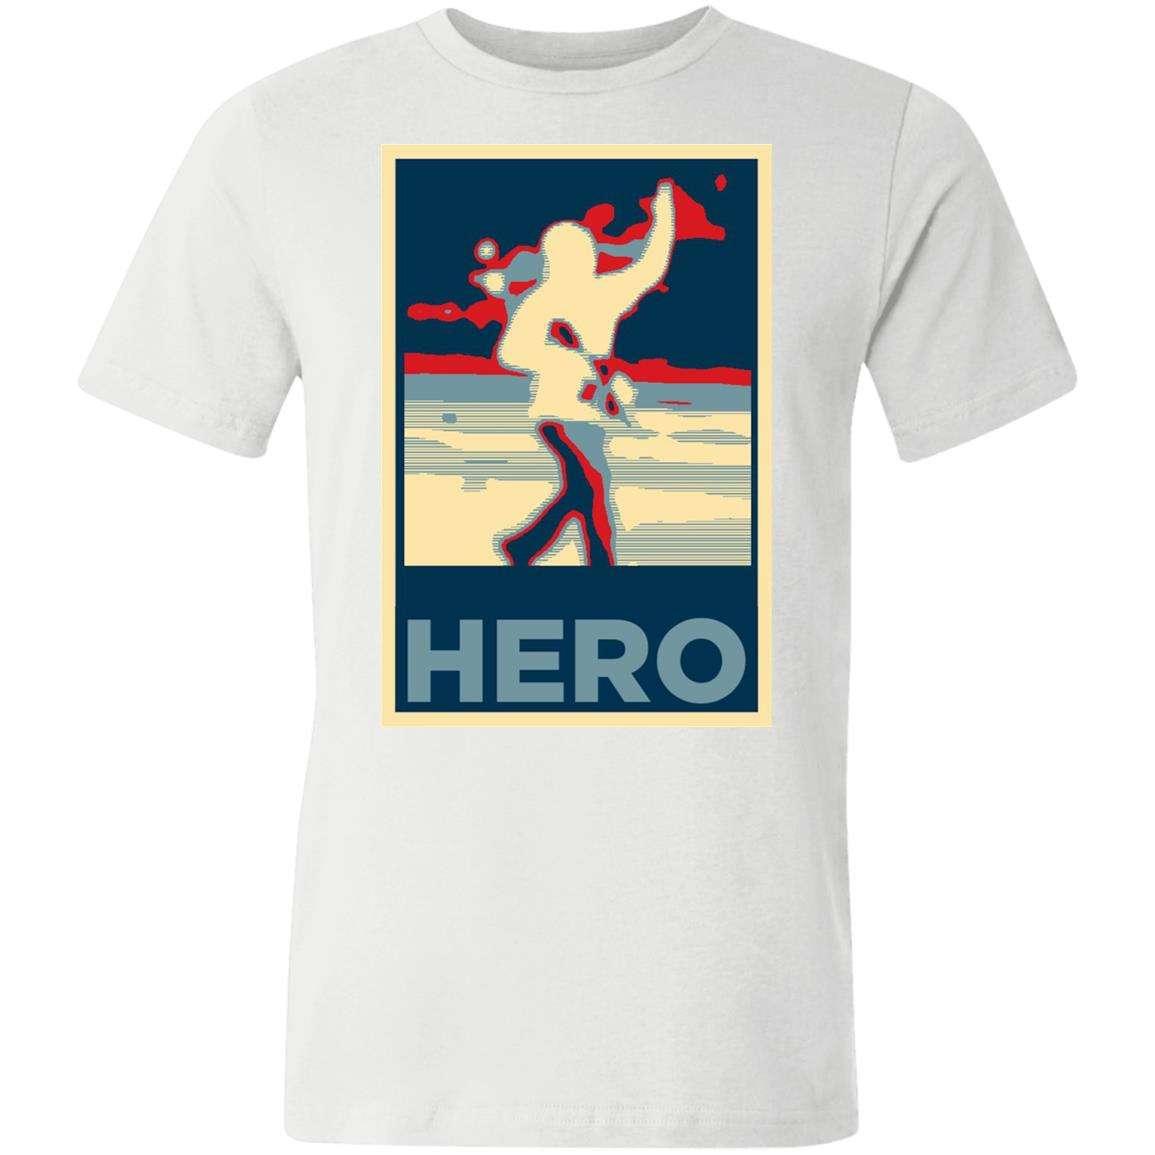 Kyle Rittenhouse Hero Tee (6 Variants)